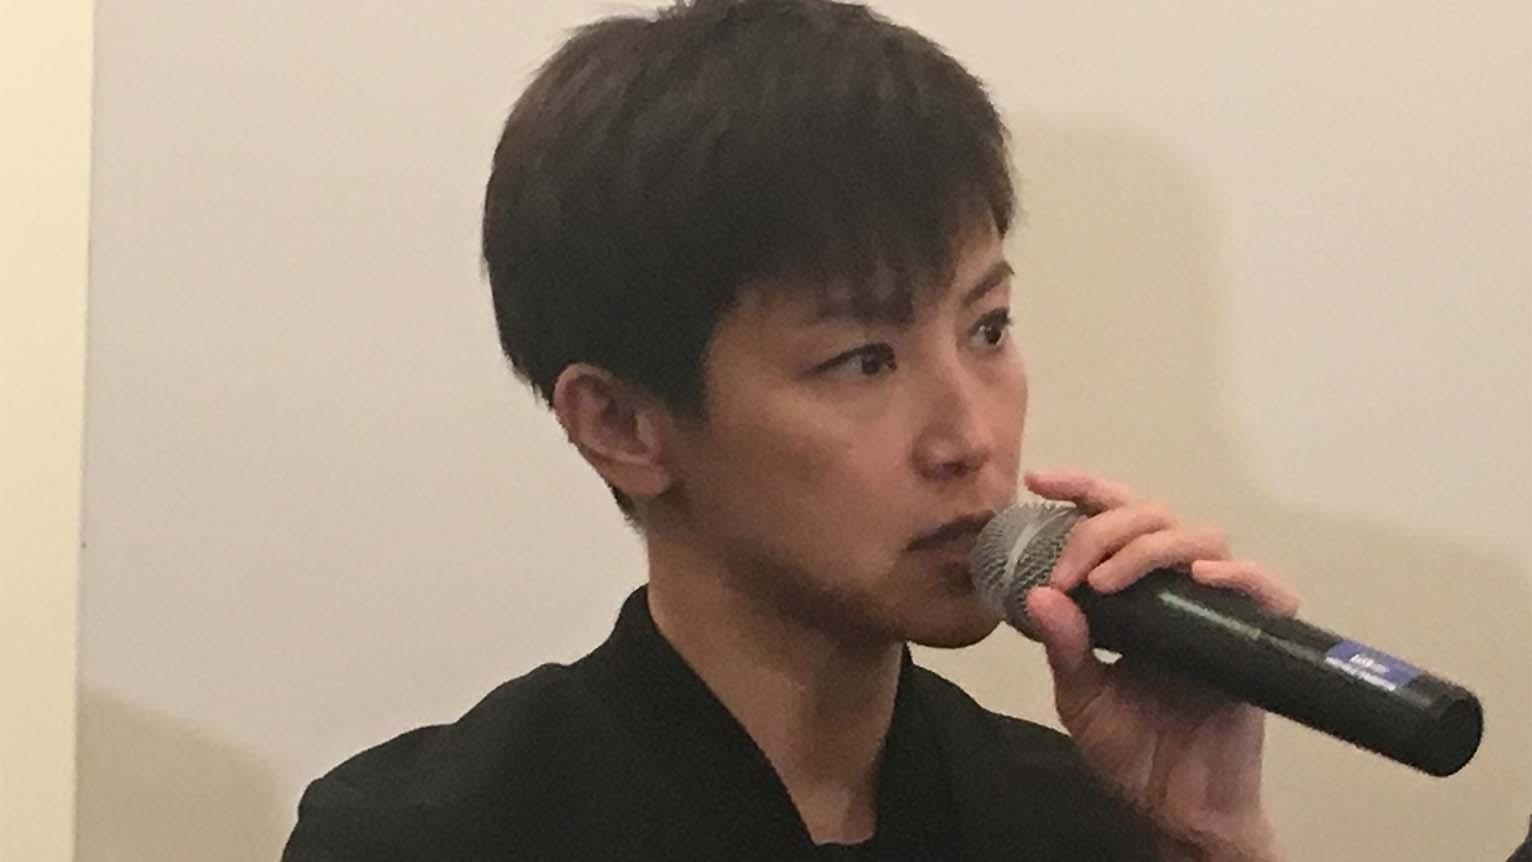 """2019年9月19日,独立歌手何韵诗在华盛顿出席""""全球台湾研究所""""举办的的《分域大道》纪录片放映会,呼吁香港和台湾急需团结一致,捍卫自由民主。(记者薛小山摄影)"""